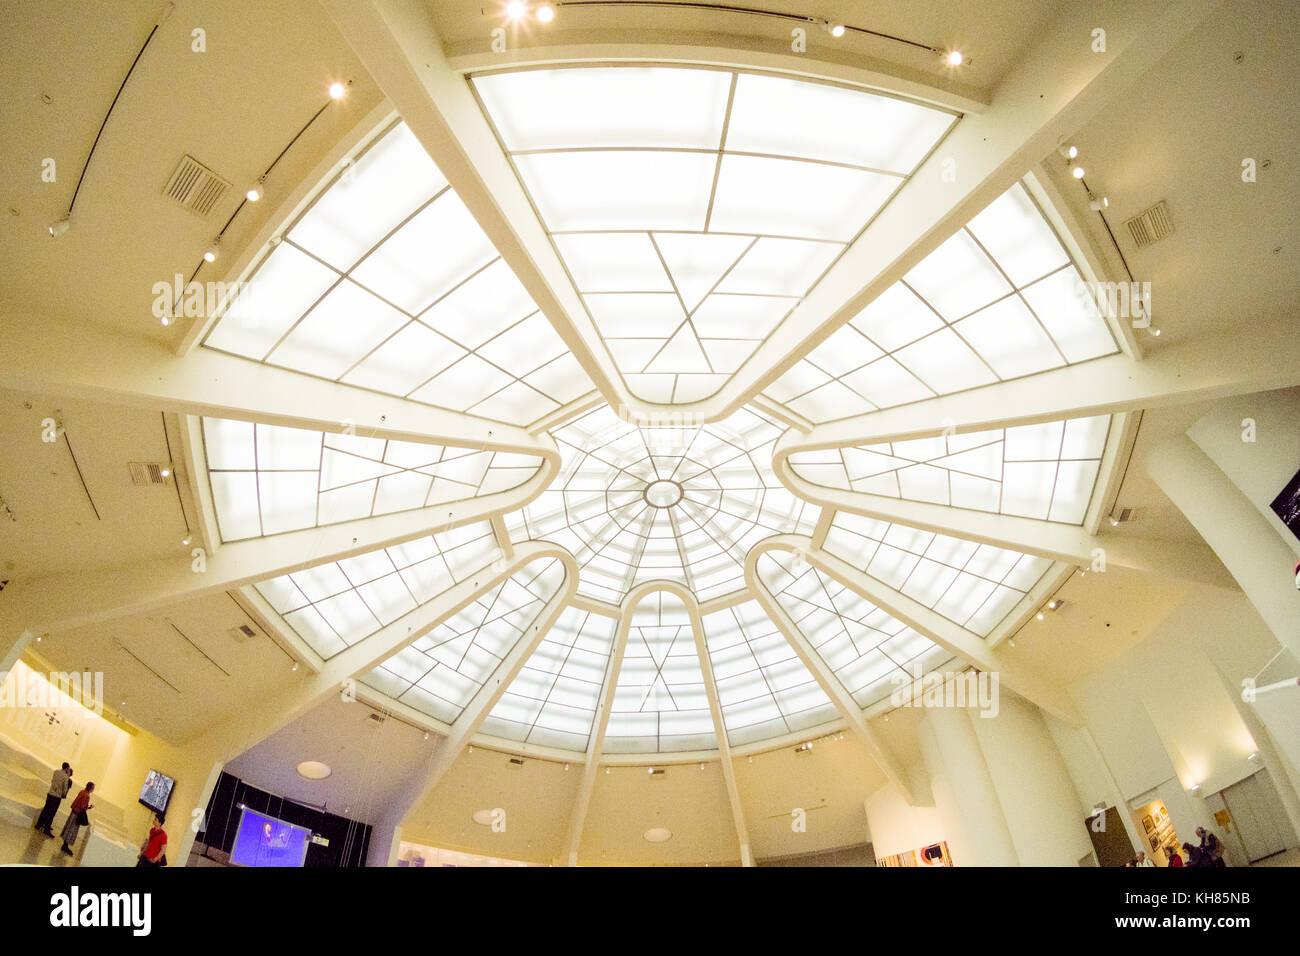 Zentrale Oberlicht Guggenheim Museum, 5th Avenue, Manhattan, New York City, NY, Vereinigte Staaten von Amerika. Stockbild